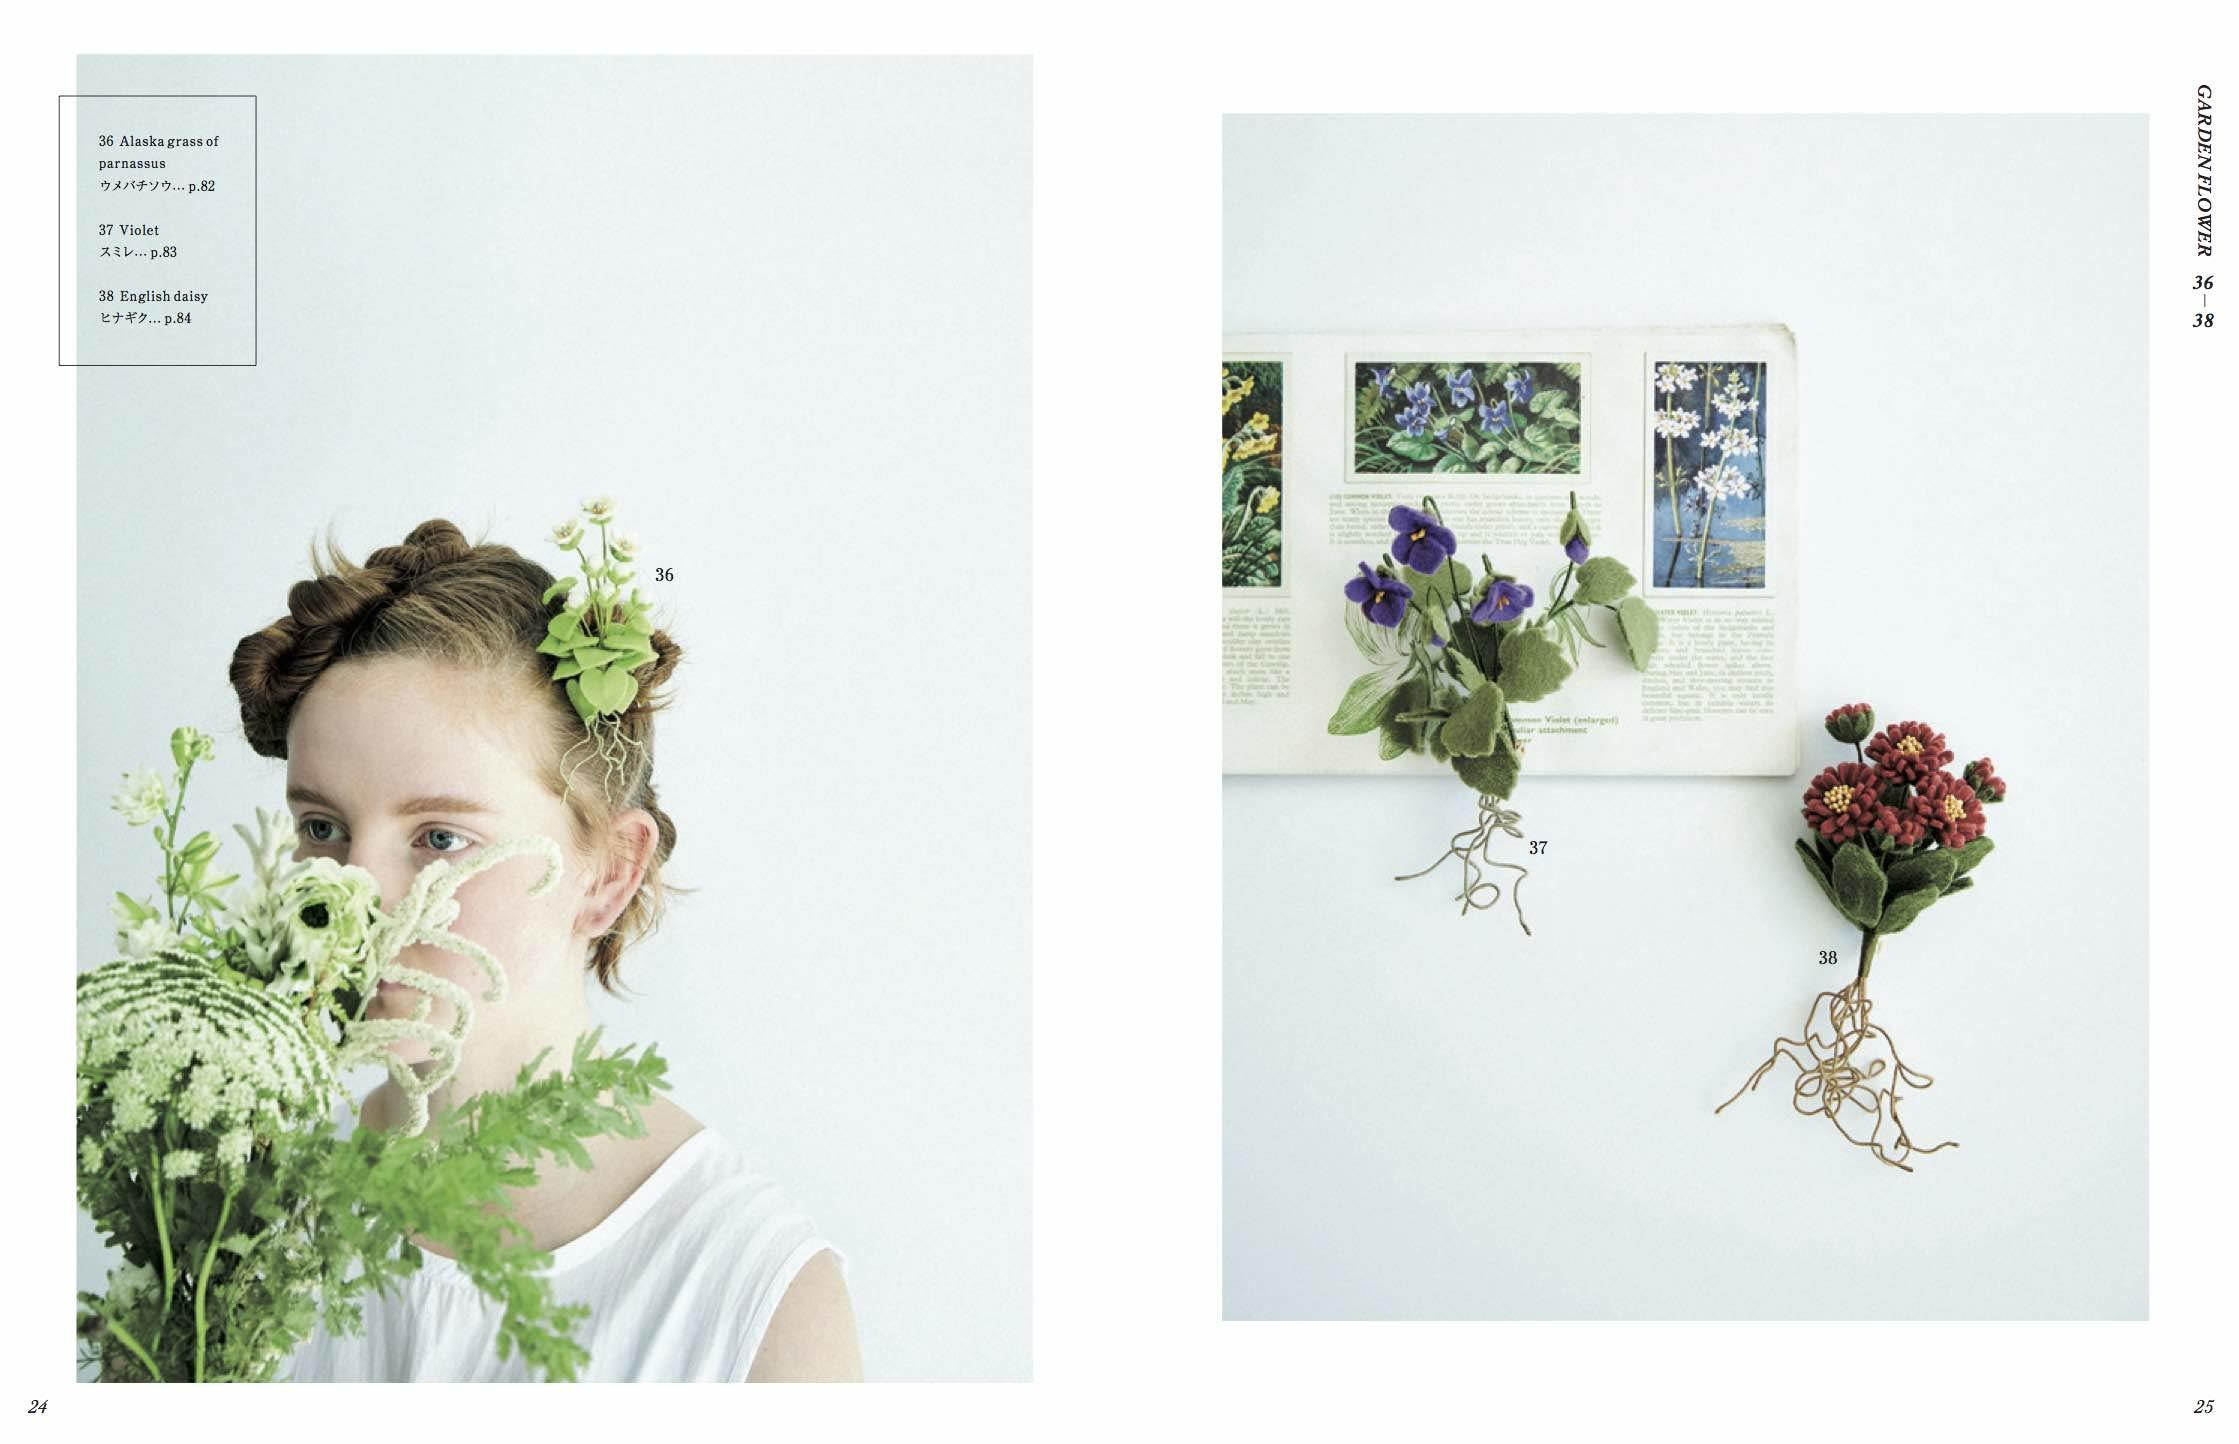 新刊「いちばんちいさなフェルトの花アクセサリー」が予約発売されました_e0333647_15080096.jpg